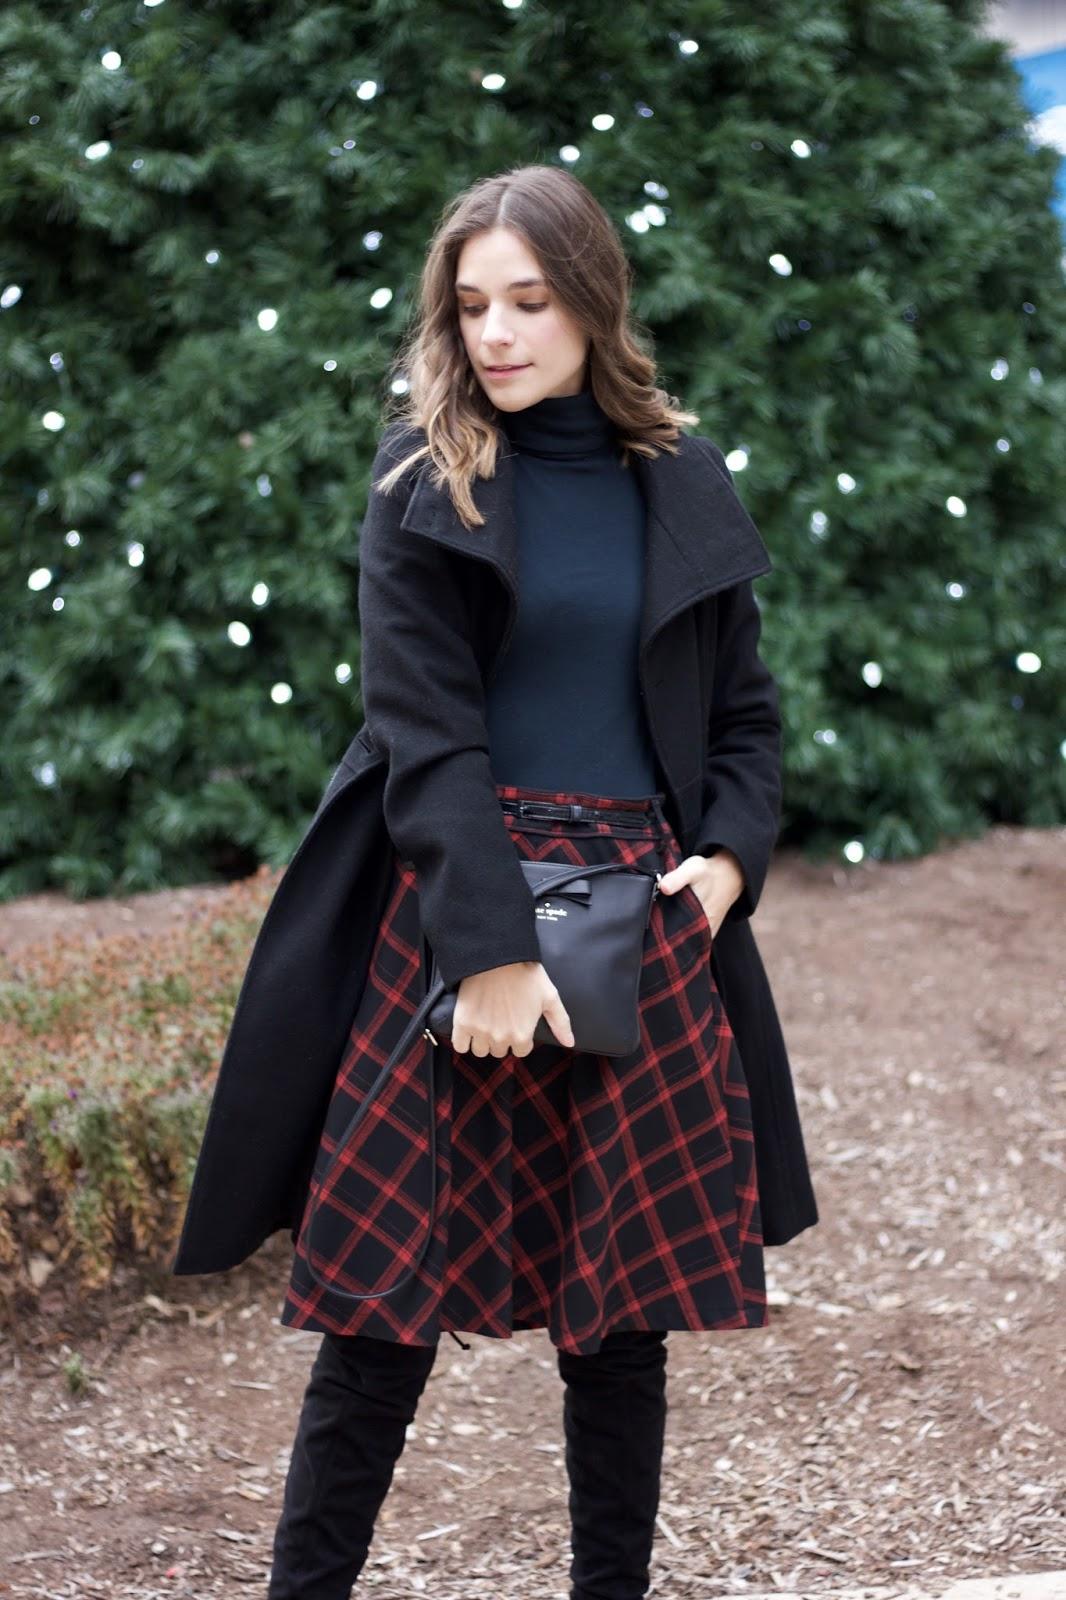 Red and black buffalo check high waisted skirt